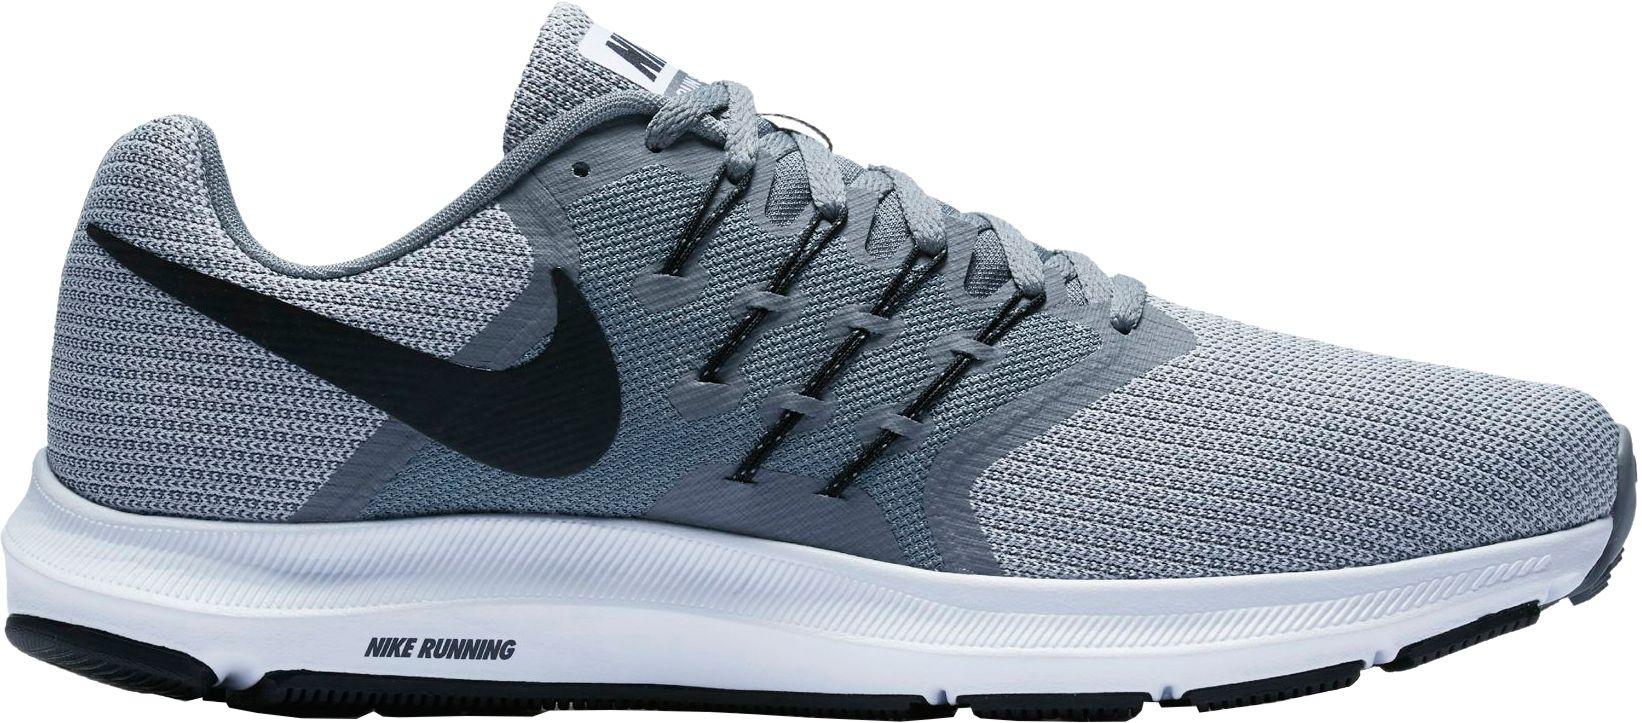 Nike sports shoes nike menu0027s run swift running shoes | dicku0027s sporting goods TIXRGJZ